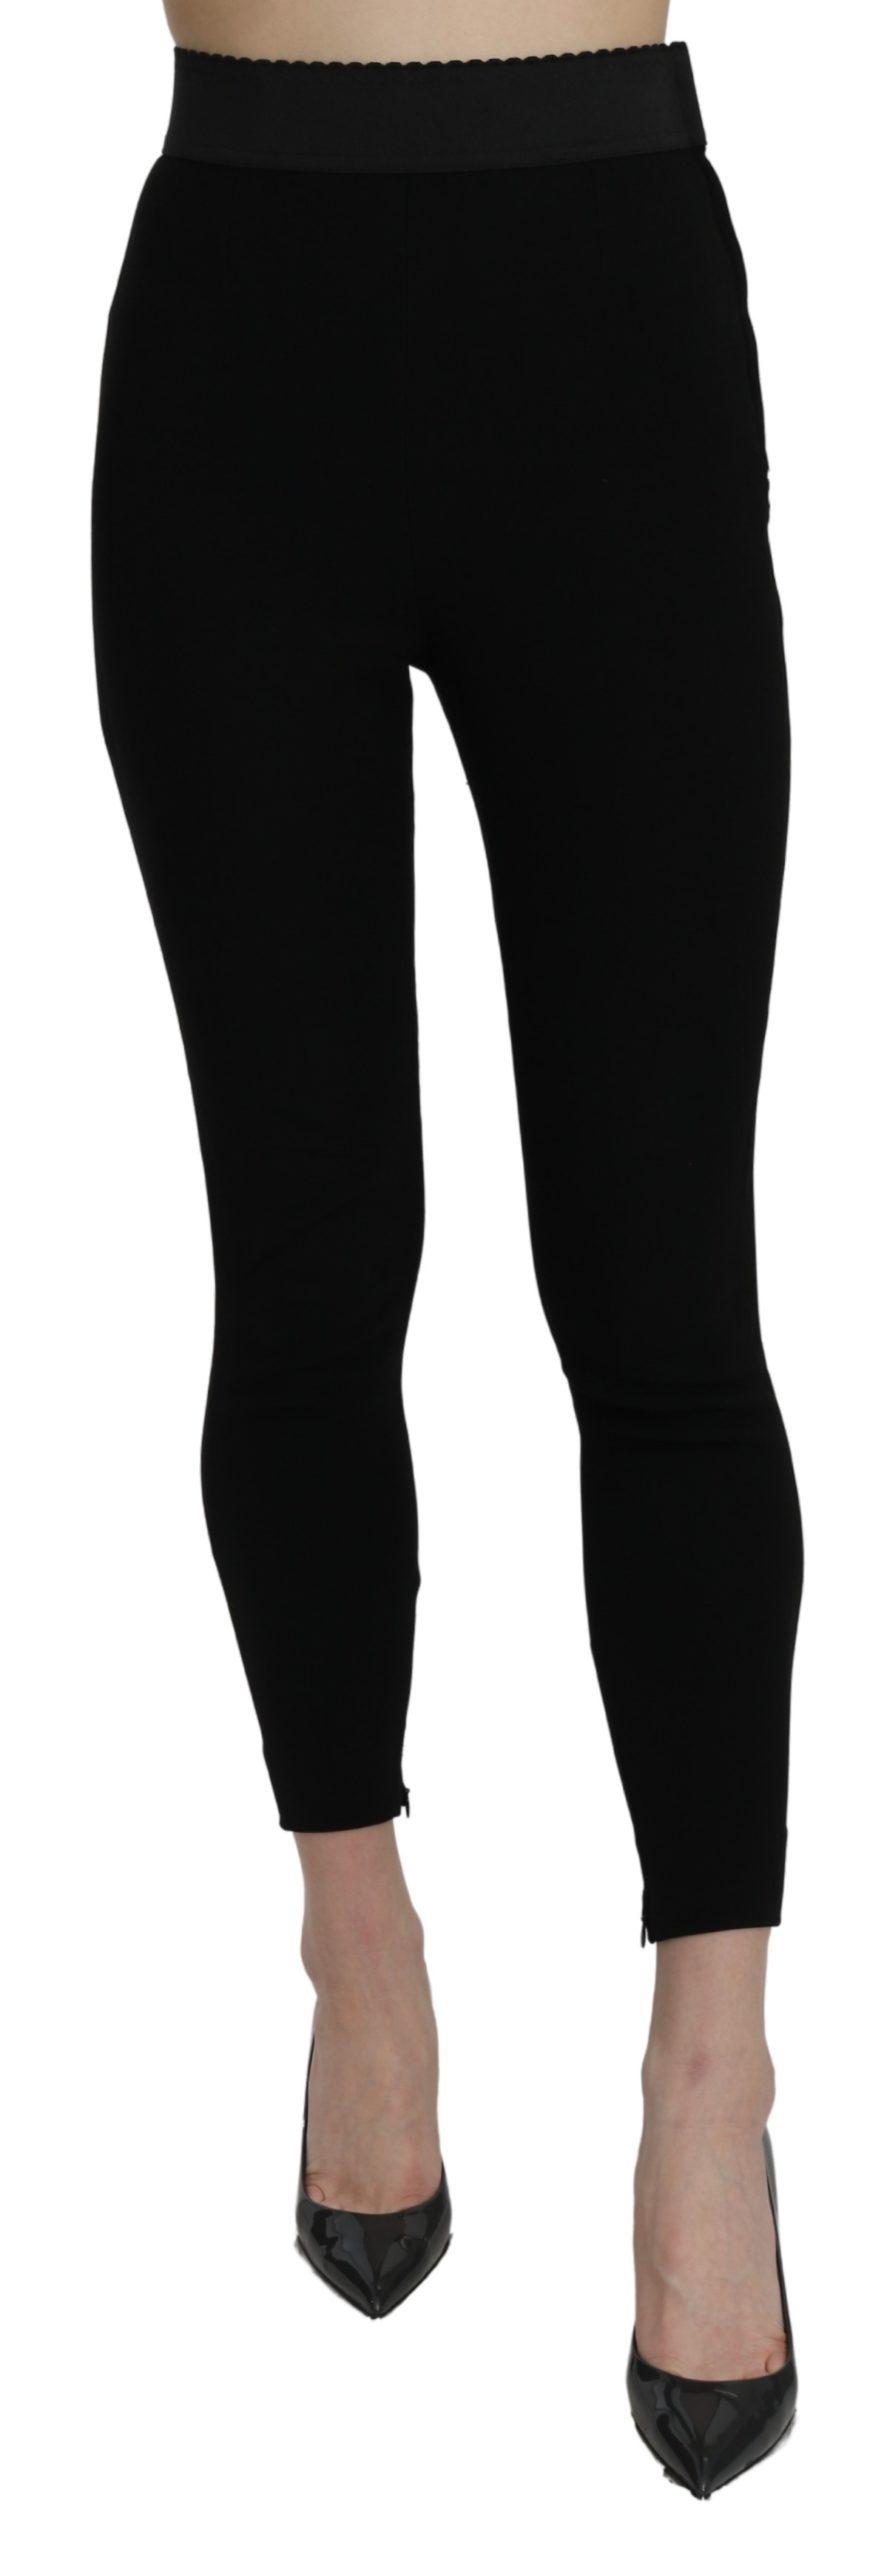 Dolce & Gabbana Women's High Waist Cotton Stretch Leggings Black PAN71081 - IT38 XS